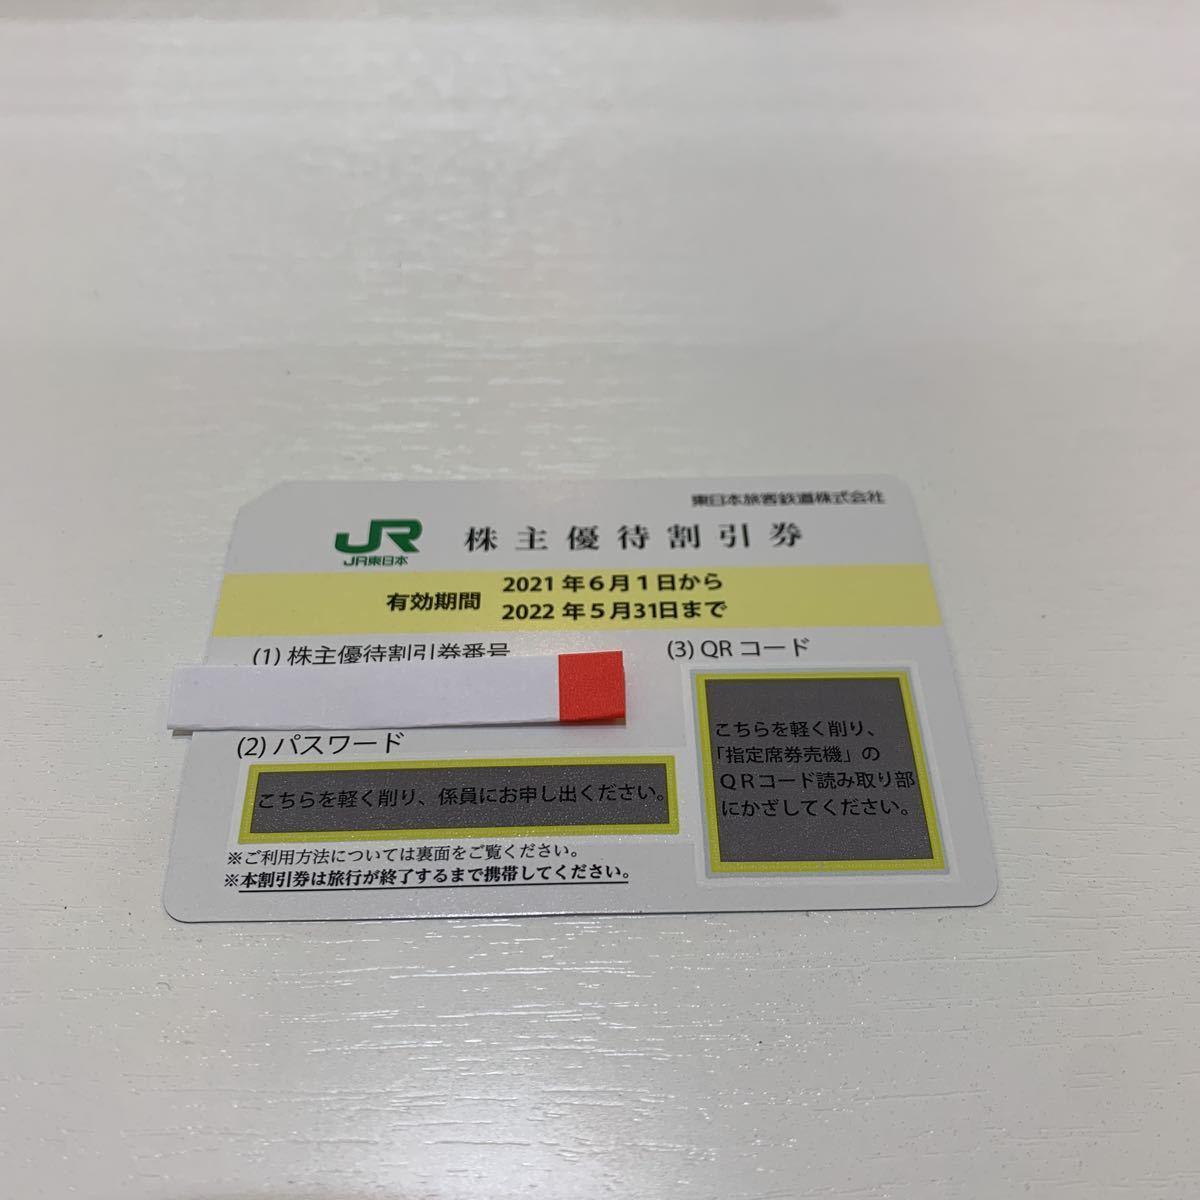 JR東日本 株主優待割引券 有効期限2022年5月31日まで 株主優待_画像1